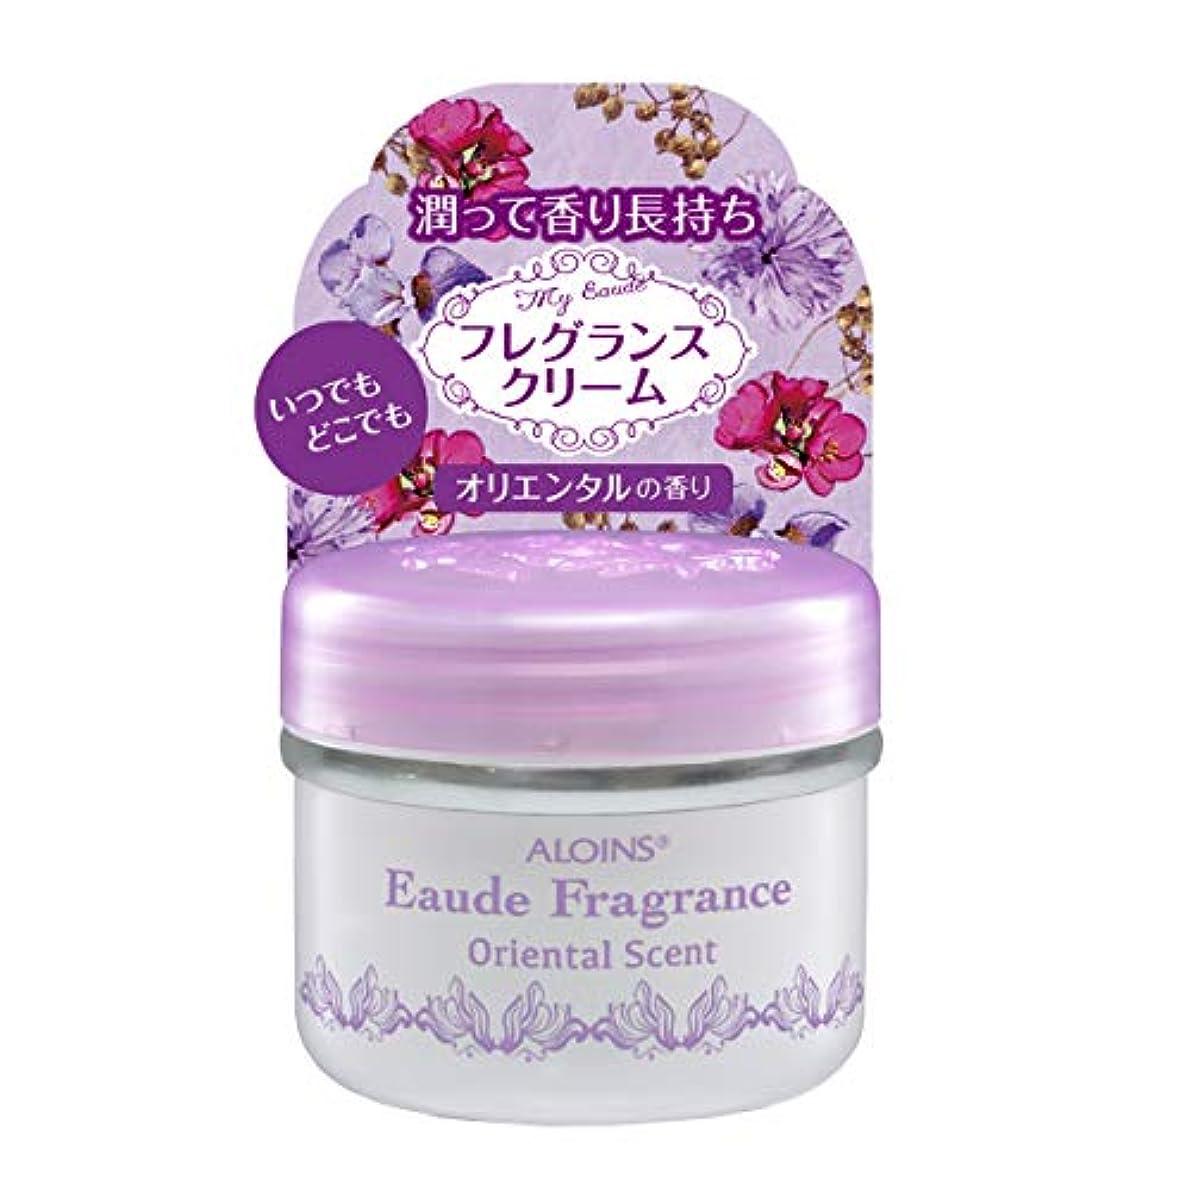 次へ出口現実アロインス オーデフレグランス オリエンタルの香り 35g